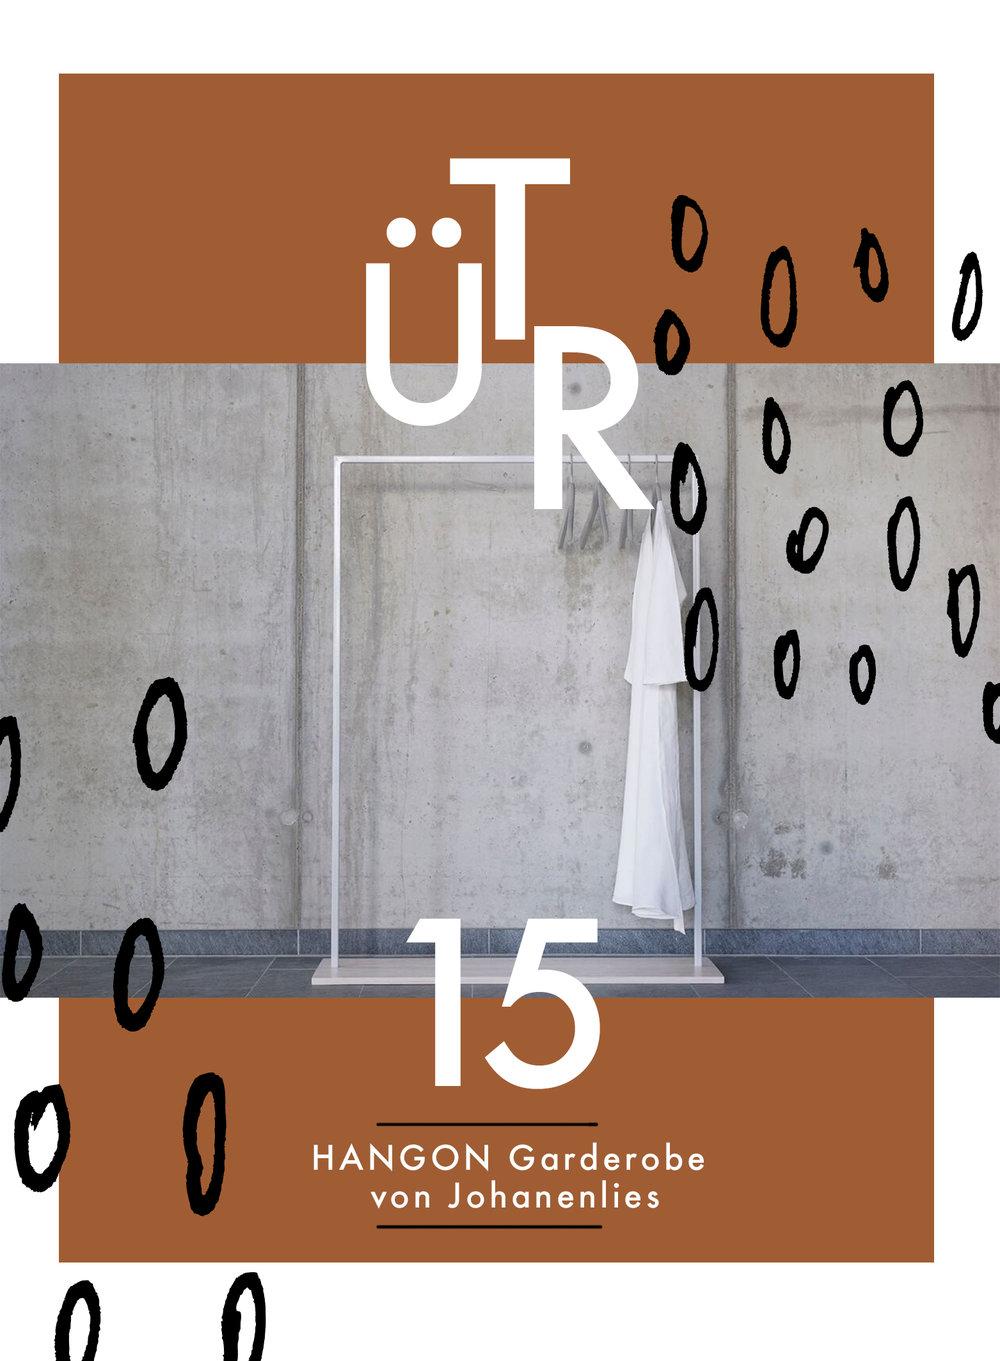 TÜR2018-15.jpgTür 15: HANGON Garderobe von Johanenlies